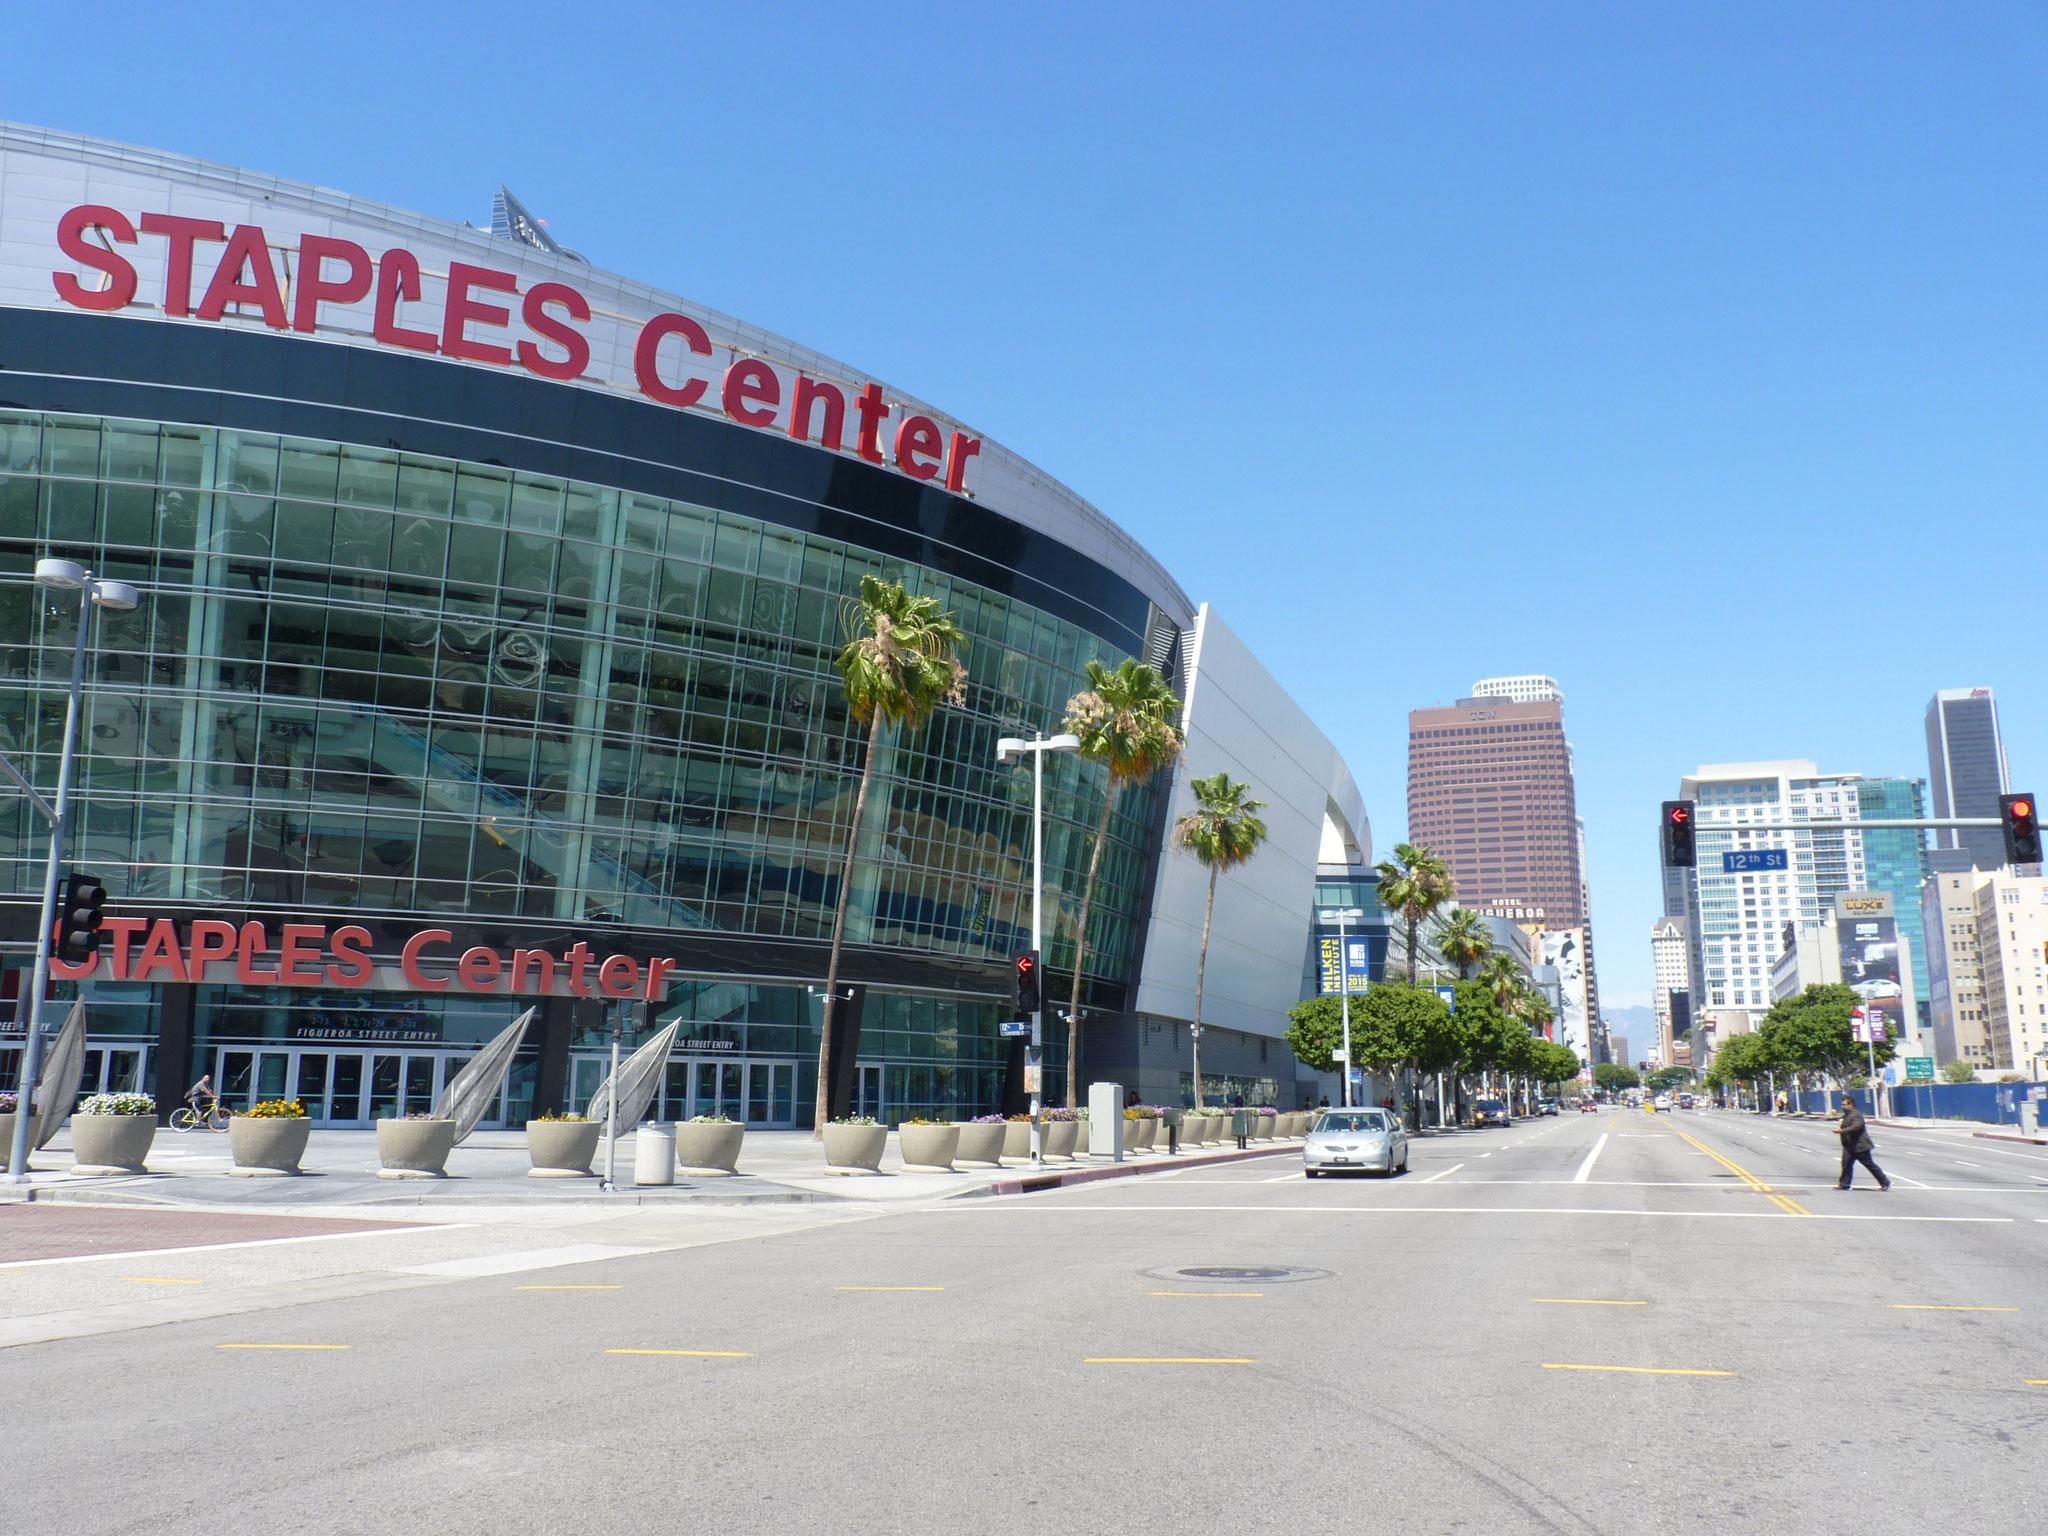 Staples Center largement avant L.A Clippers vs San Antonio Spurs (2014/15)